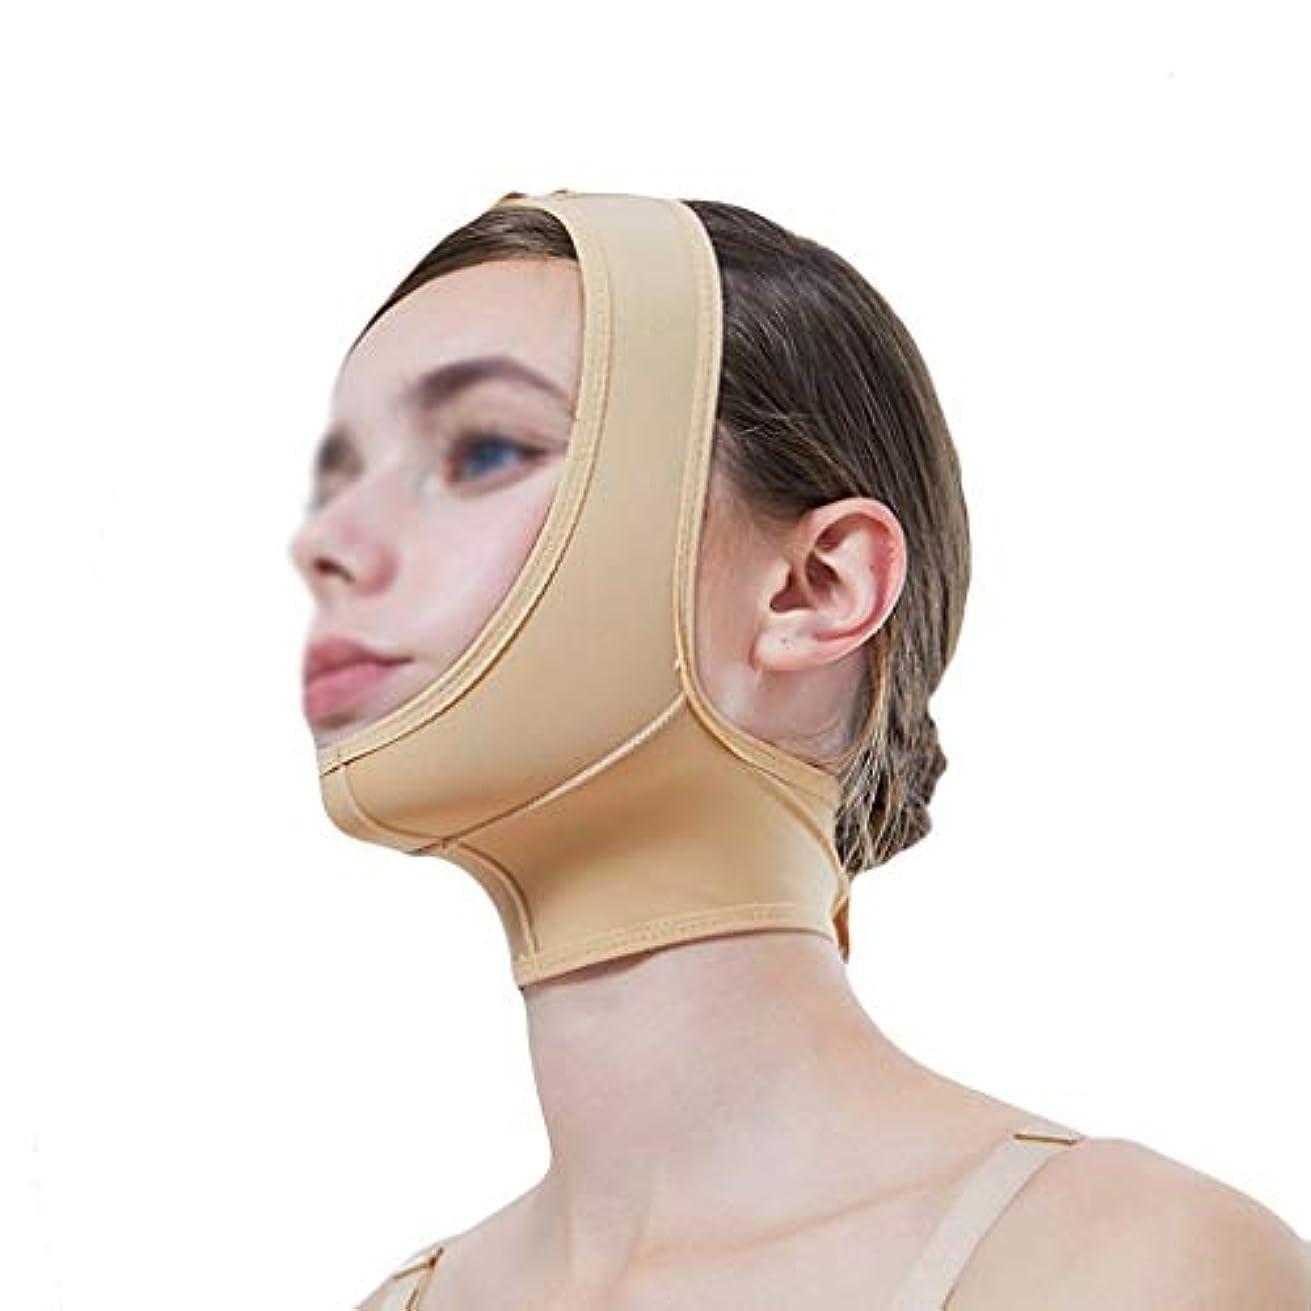 マルクス主義汚染たくさんのマスク、超薄型ベルト、フェイスリフティングに適し、フェイスリフティング、通気性包帯、あご取りベルト、超薄型ベルト、通気性(サイズ:XL),XXL